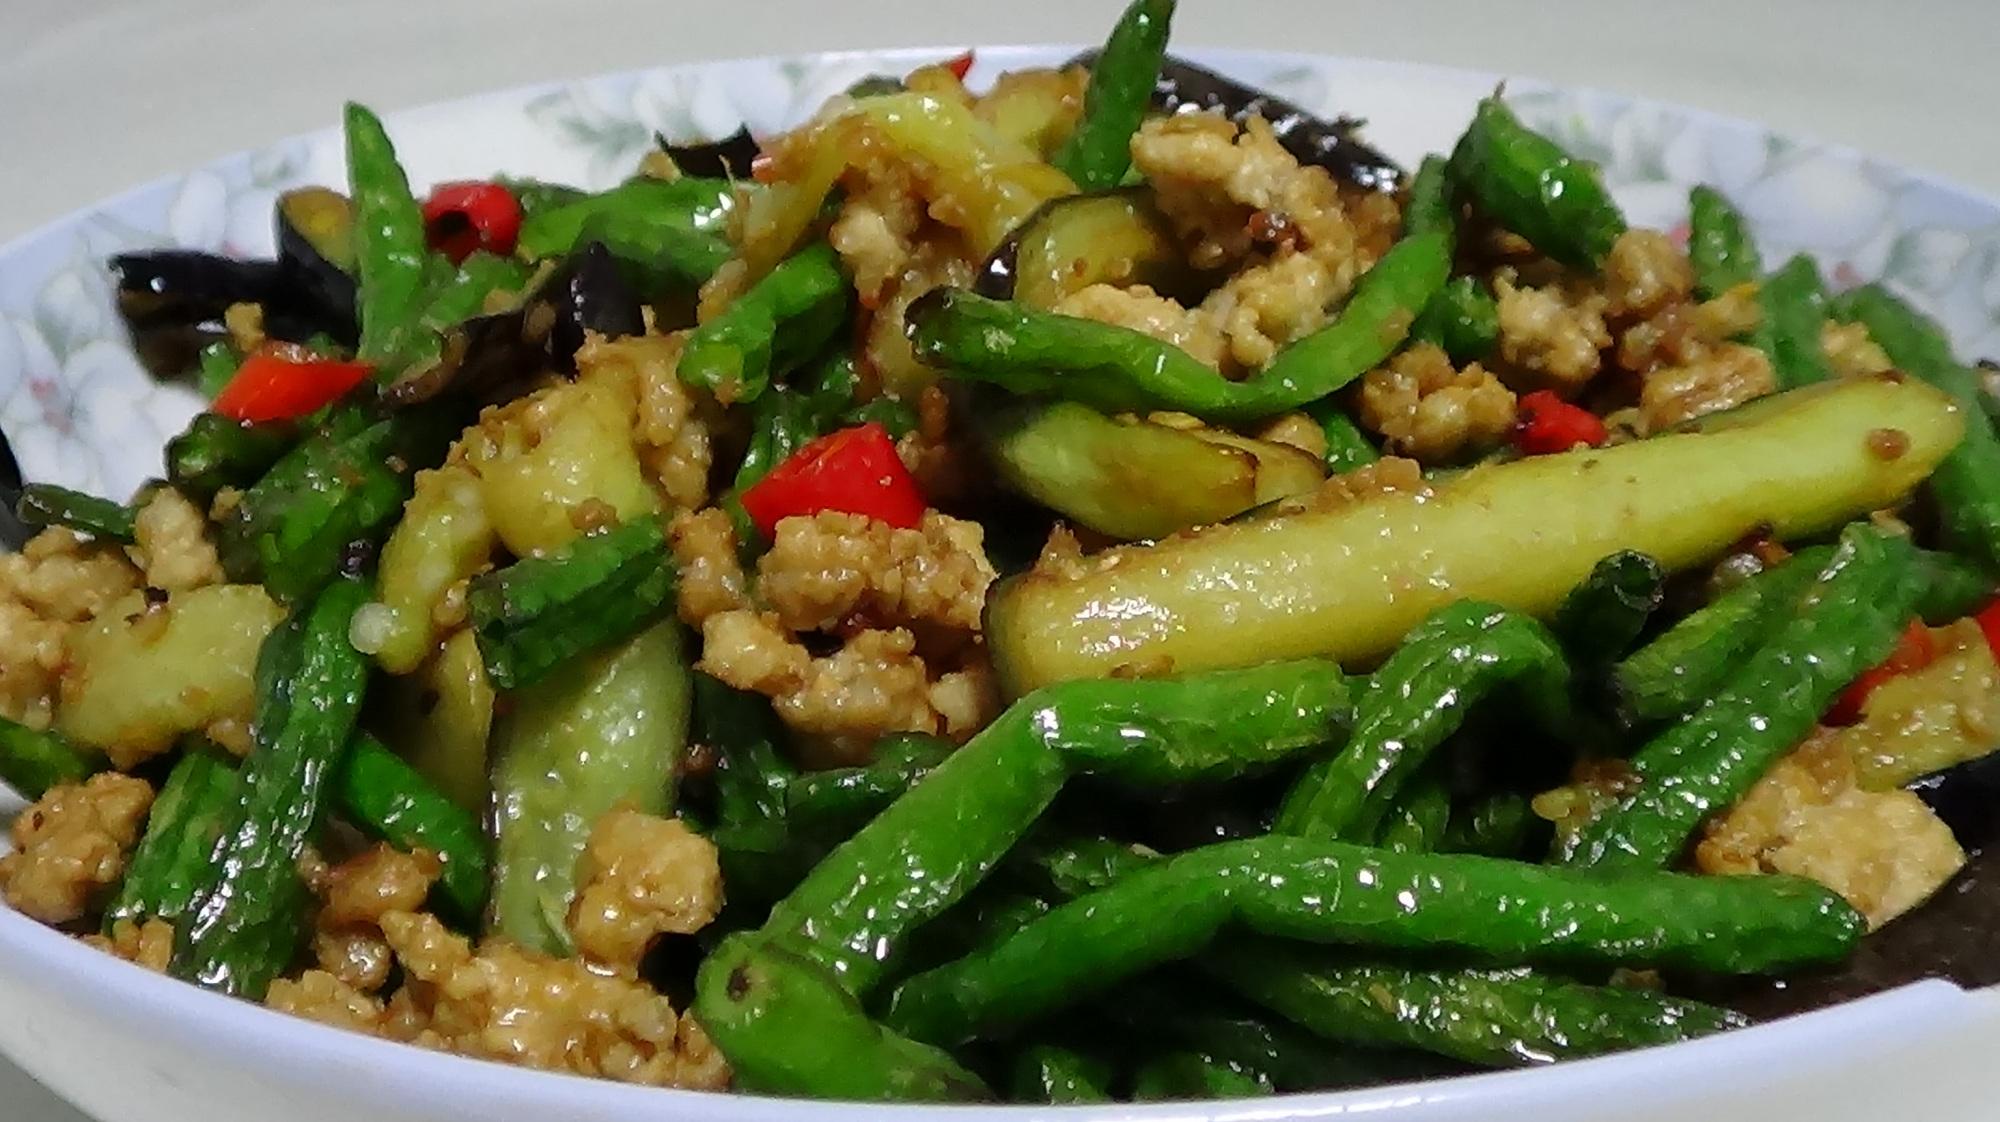 一根小说一把豇豆,简单一炒,好吃的下饭菜就做好了,太给力了!茄子特种兵女高中图片